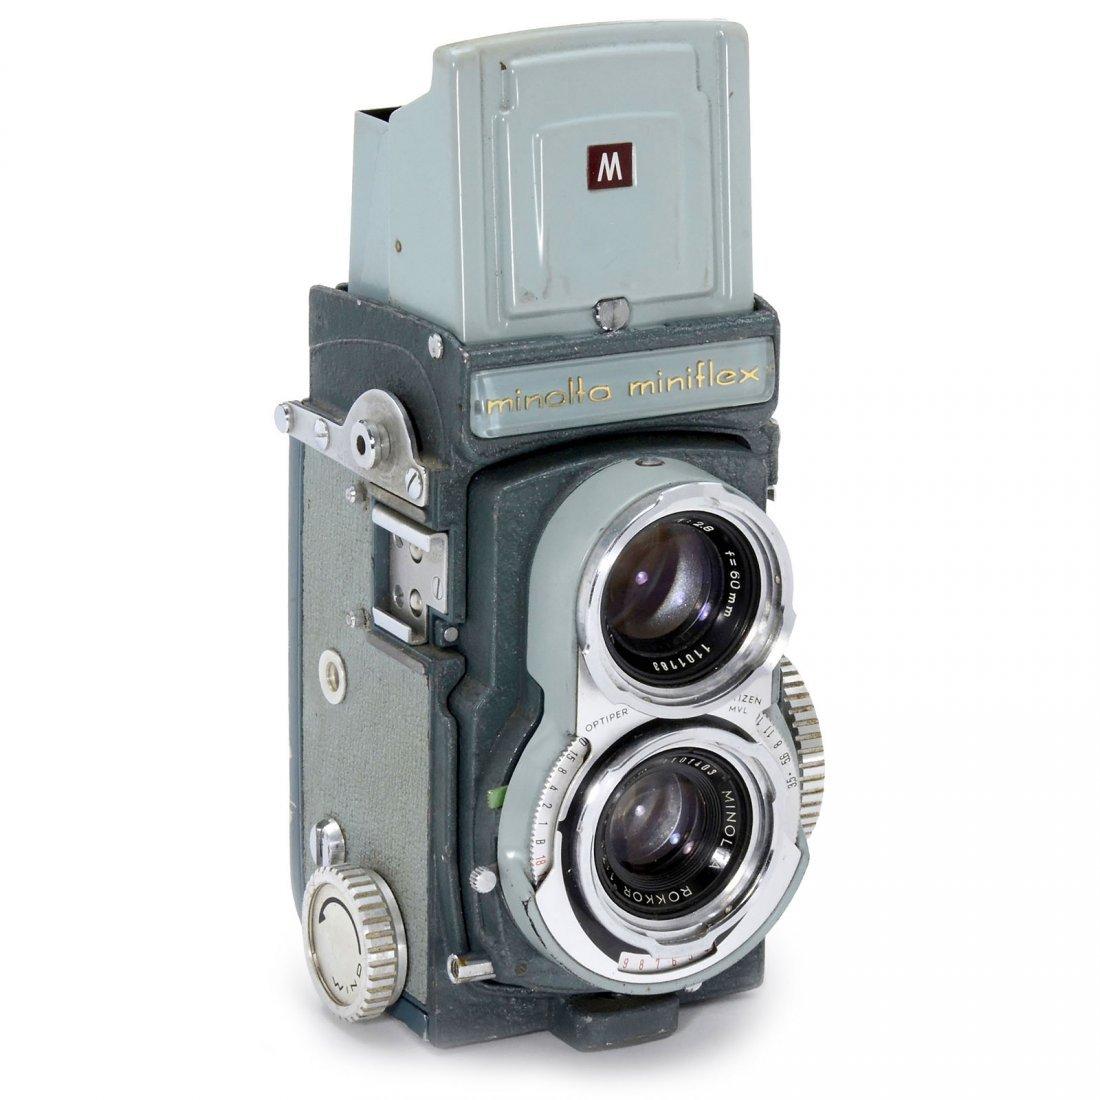 Minolta Miniflex, 1959